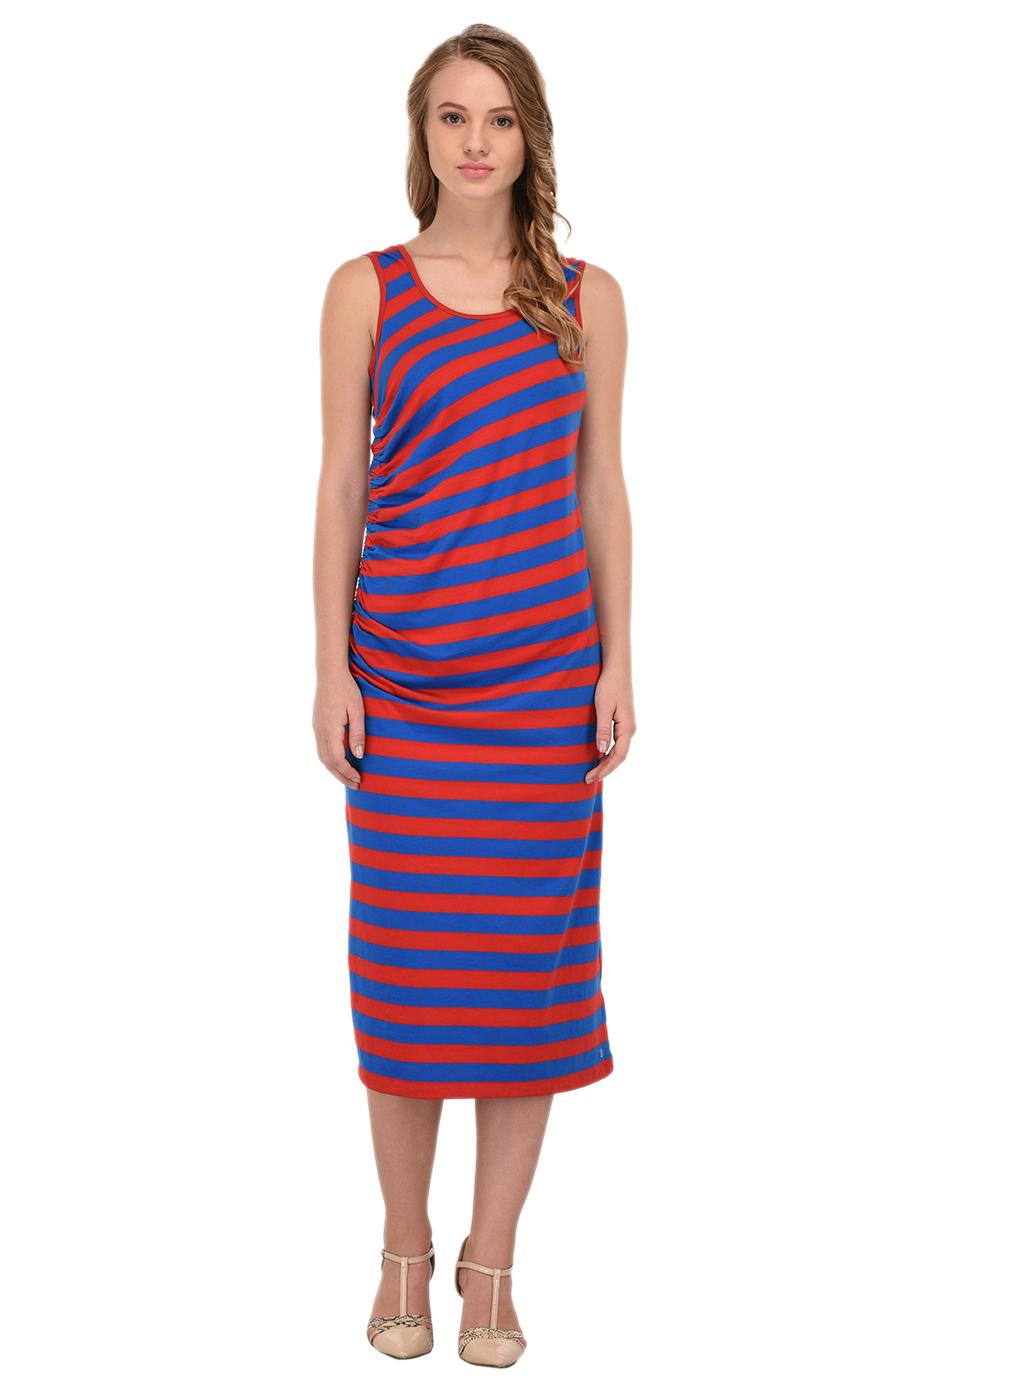 Porsorte   PORSORTE Women A-Line Striped Dress